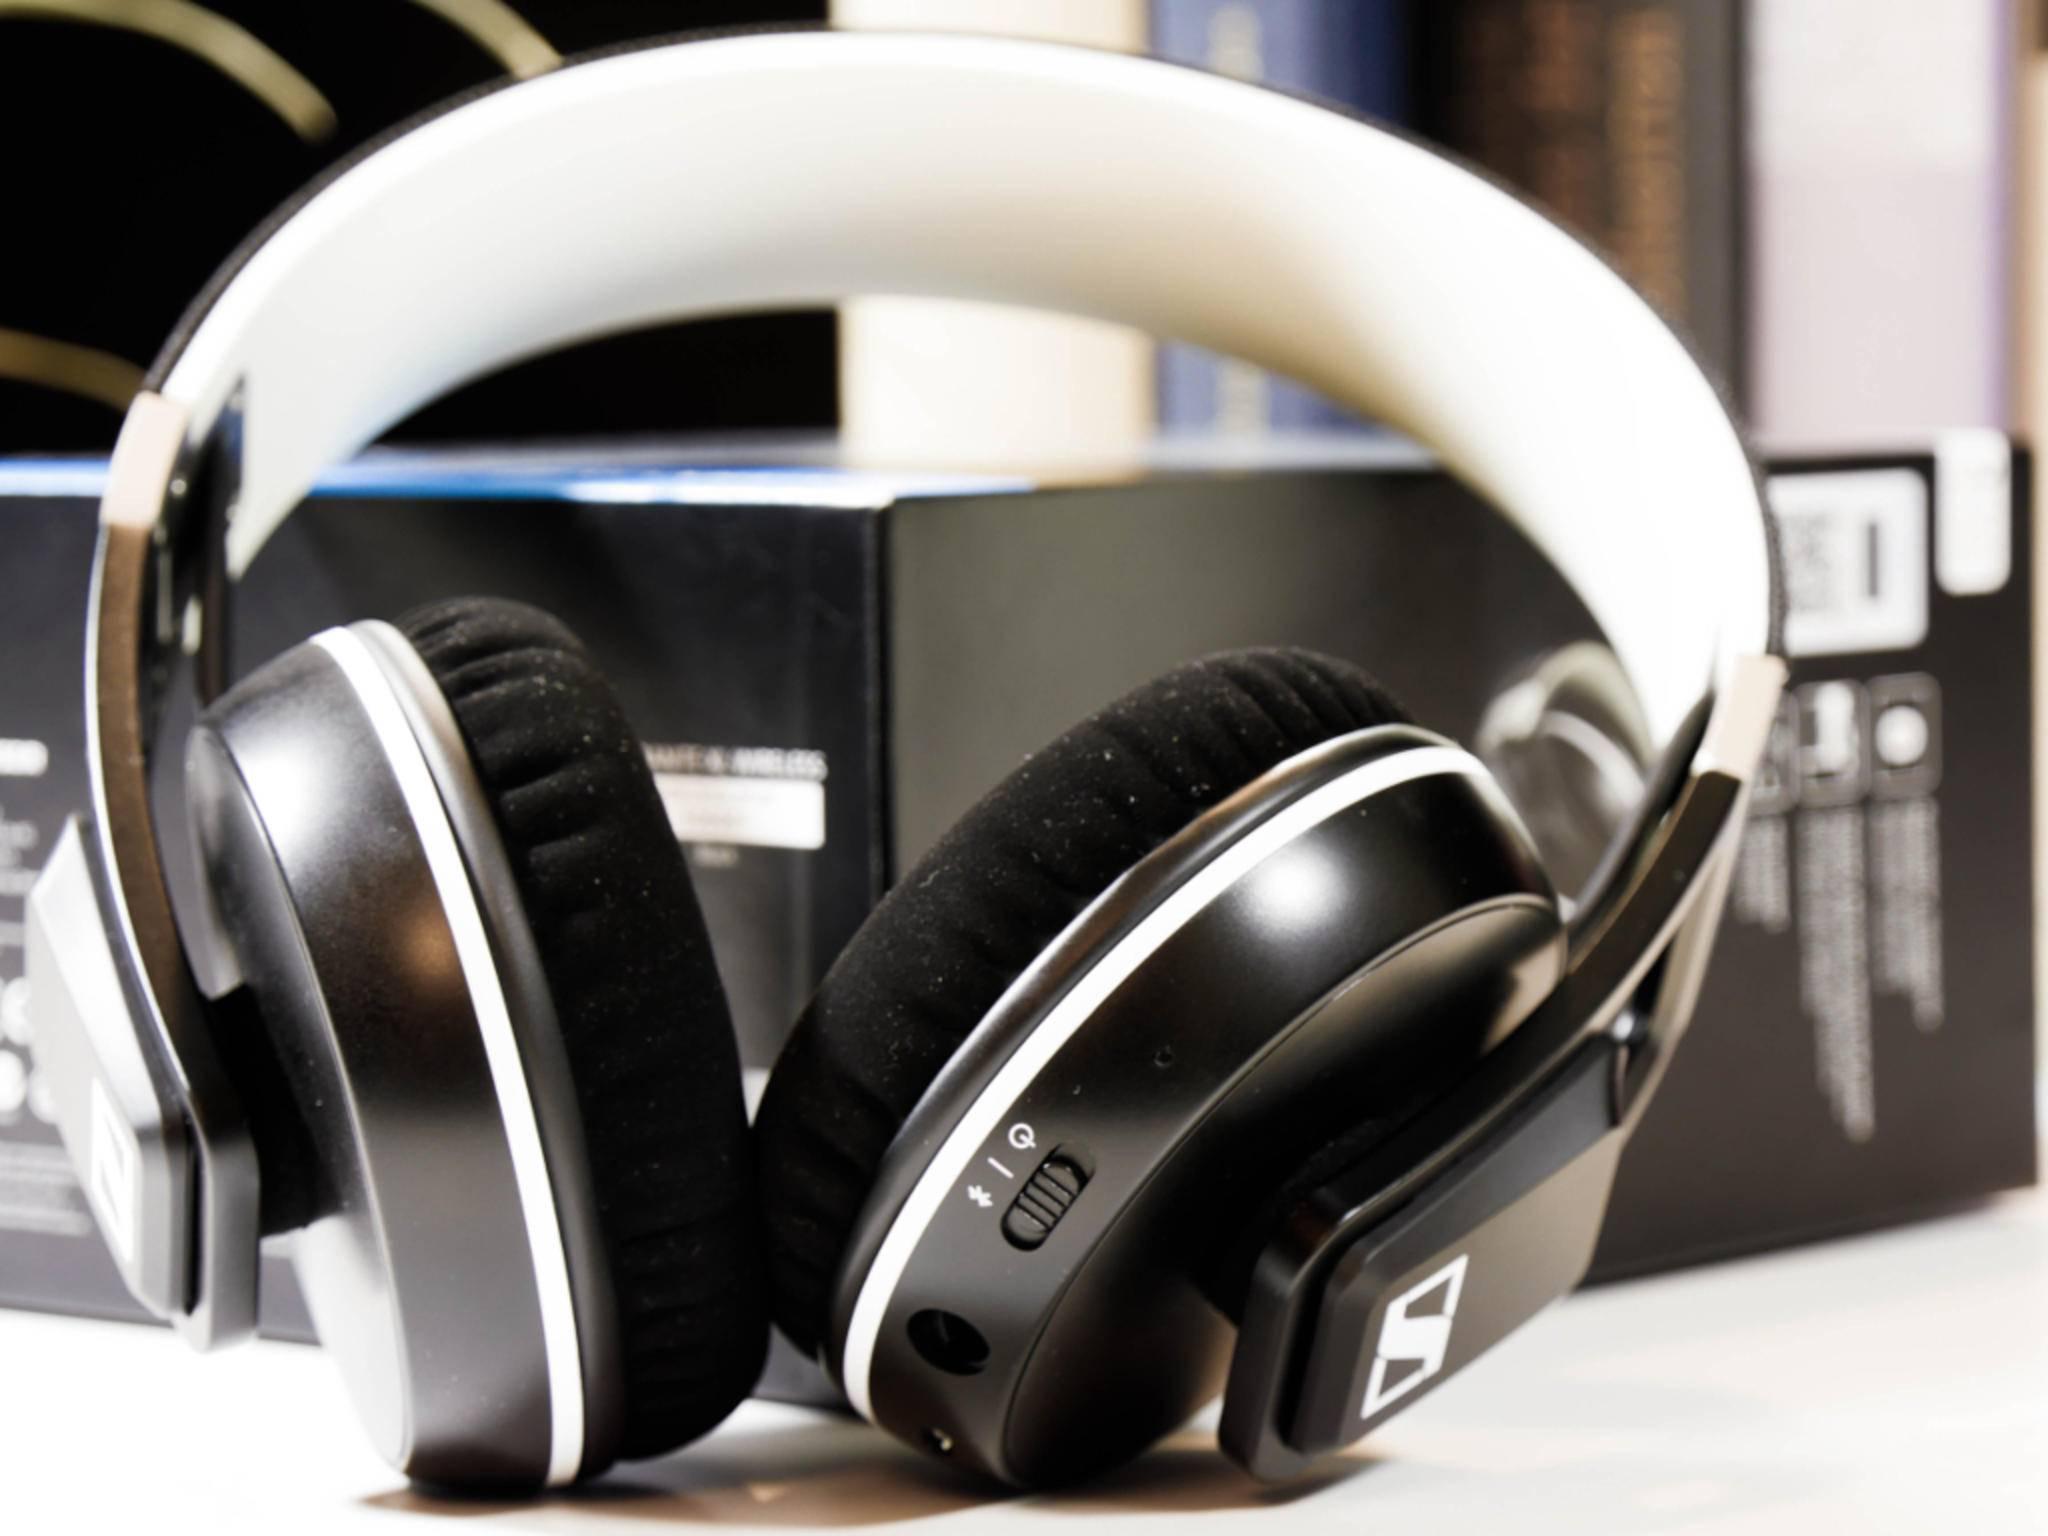 Die Samtpolster des Kopfhörers können ausgetauscht werden.